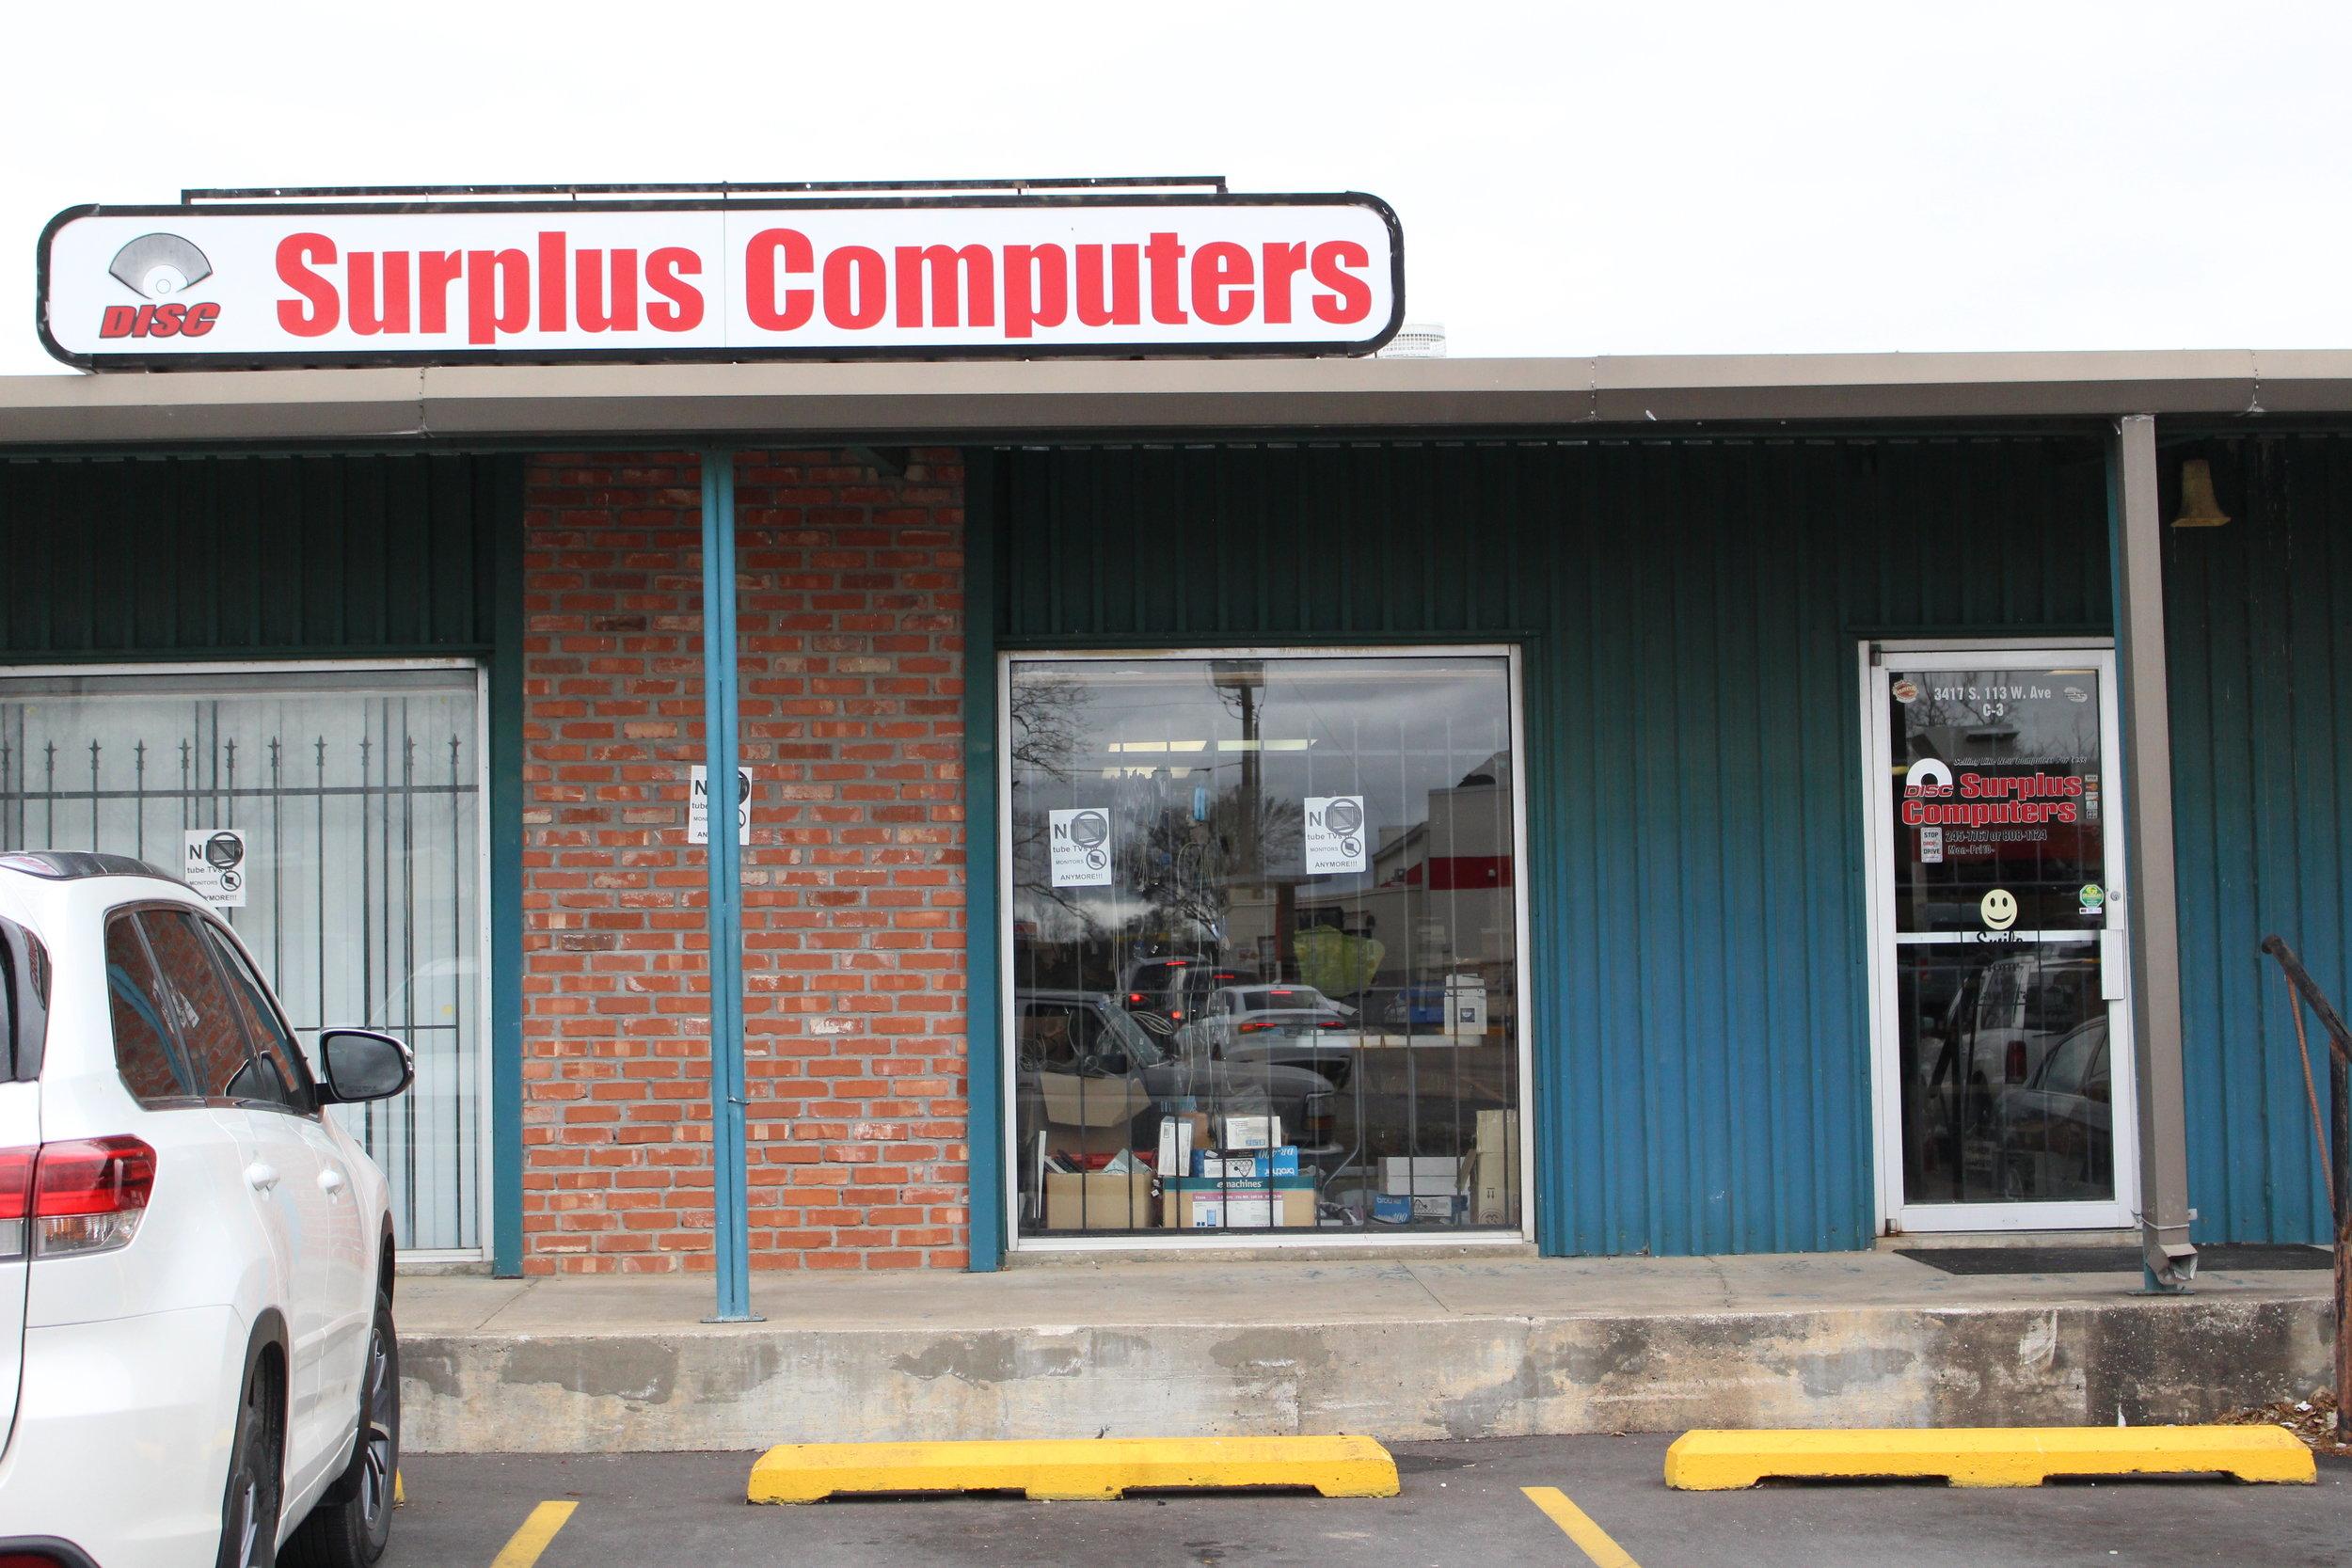 disc surplus computers - sandites' center 3417 south 113th west avenue